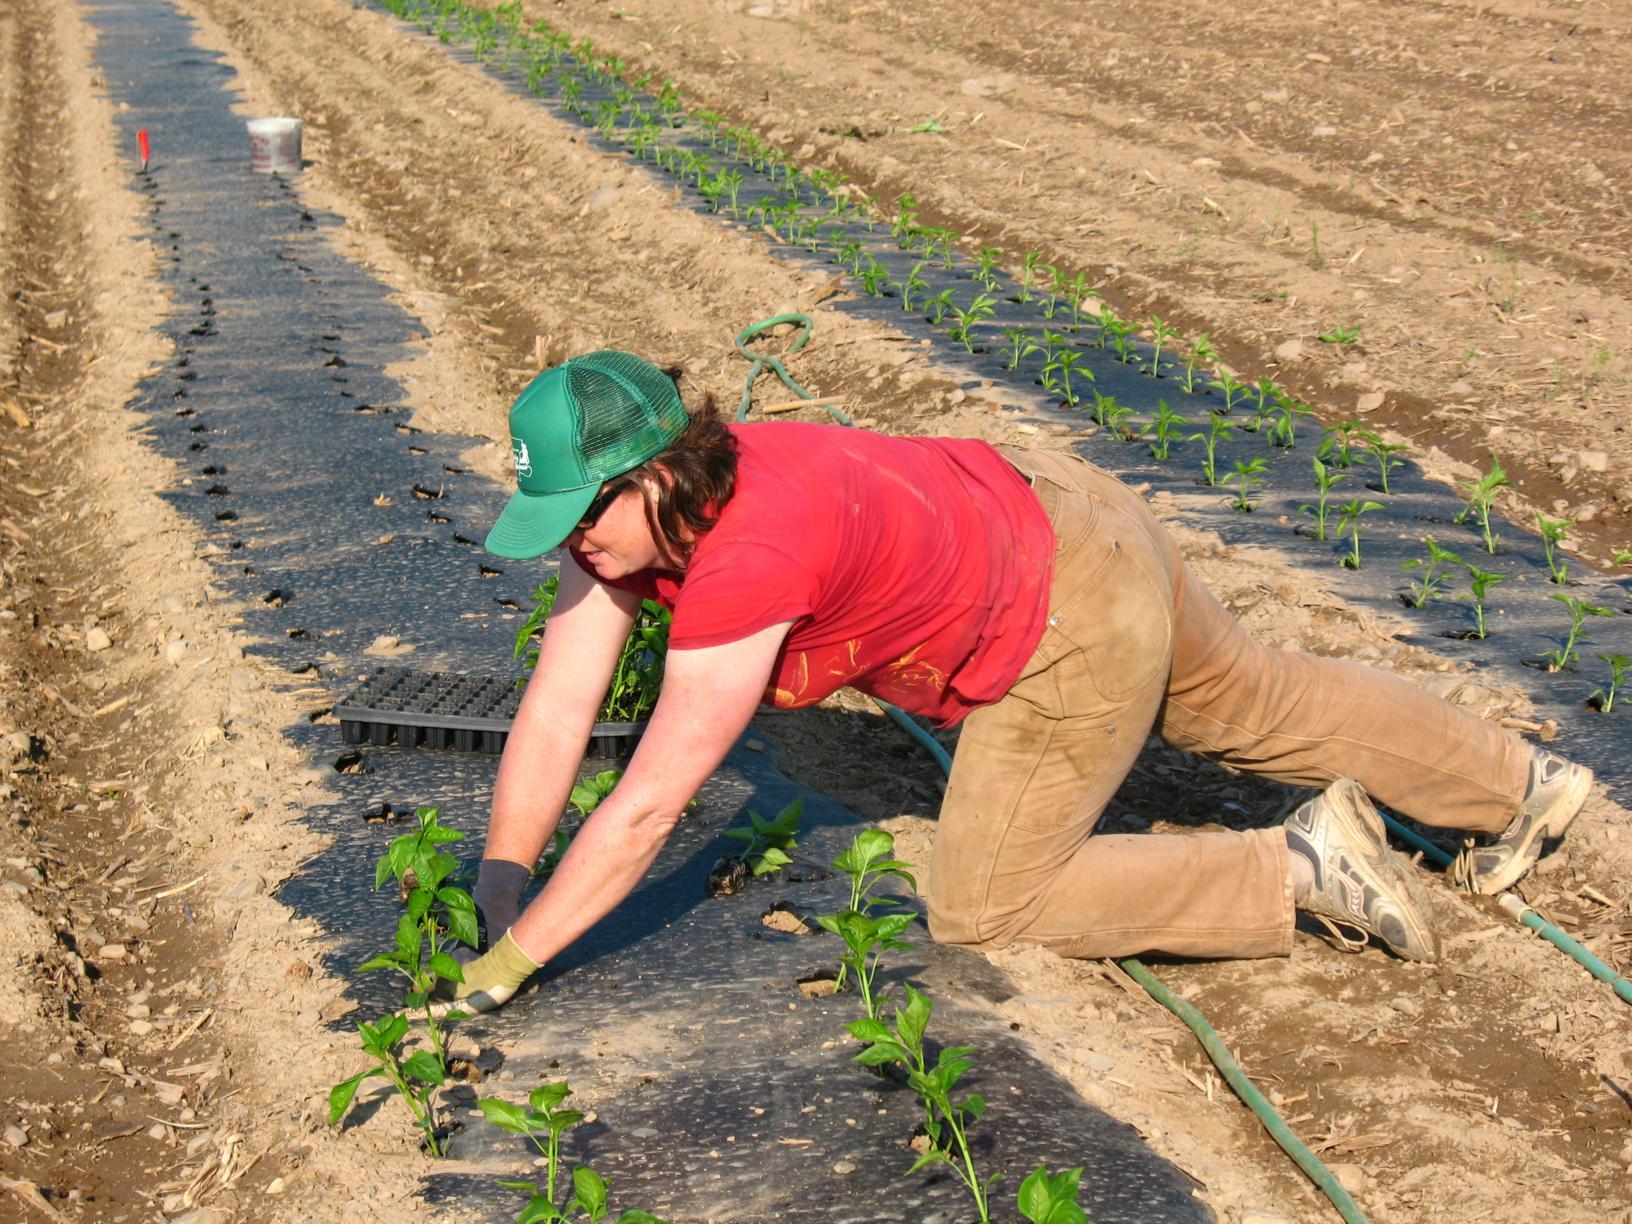 Transplanting-peppers_1632x1224.jpg